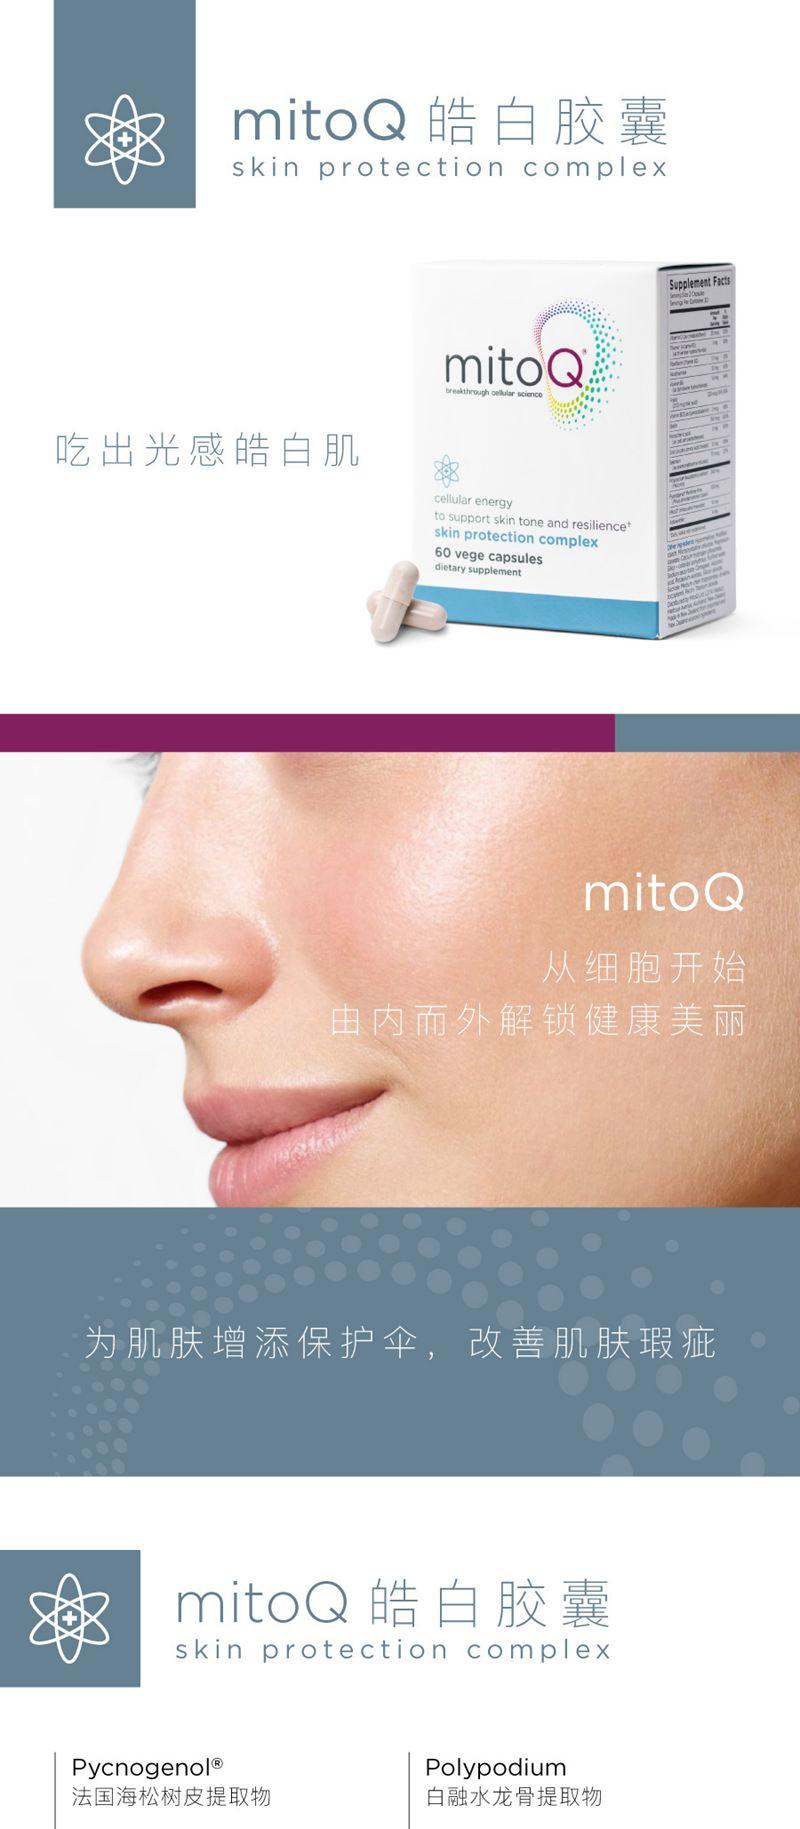 MitoQ皓白口服美容祛黄美白淡斑全身提亮肤色胶囊60粒 功效